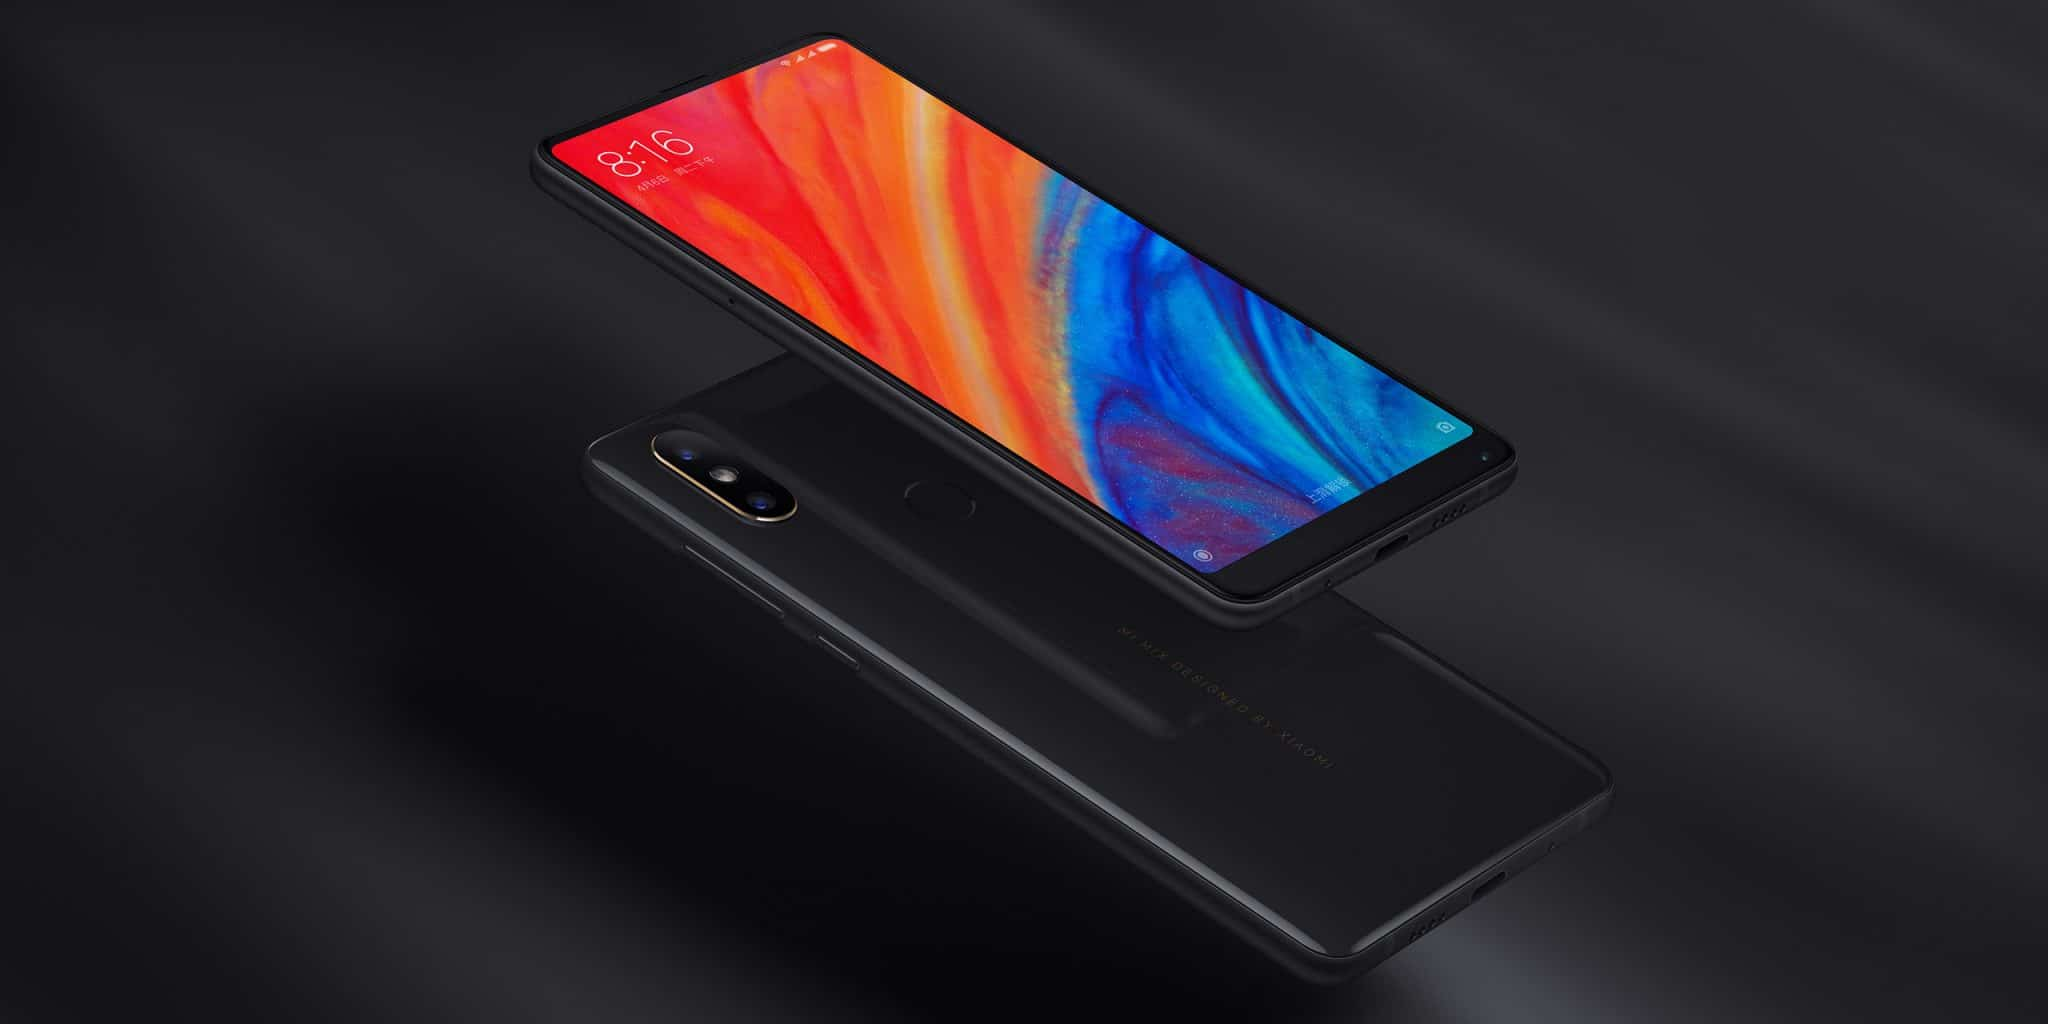 شاومي ستعلن عن هاتف جديد من سلسلة الـMix بـ10 جيجا رام 1